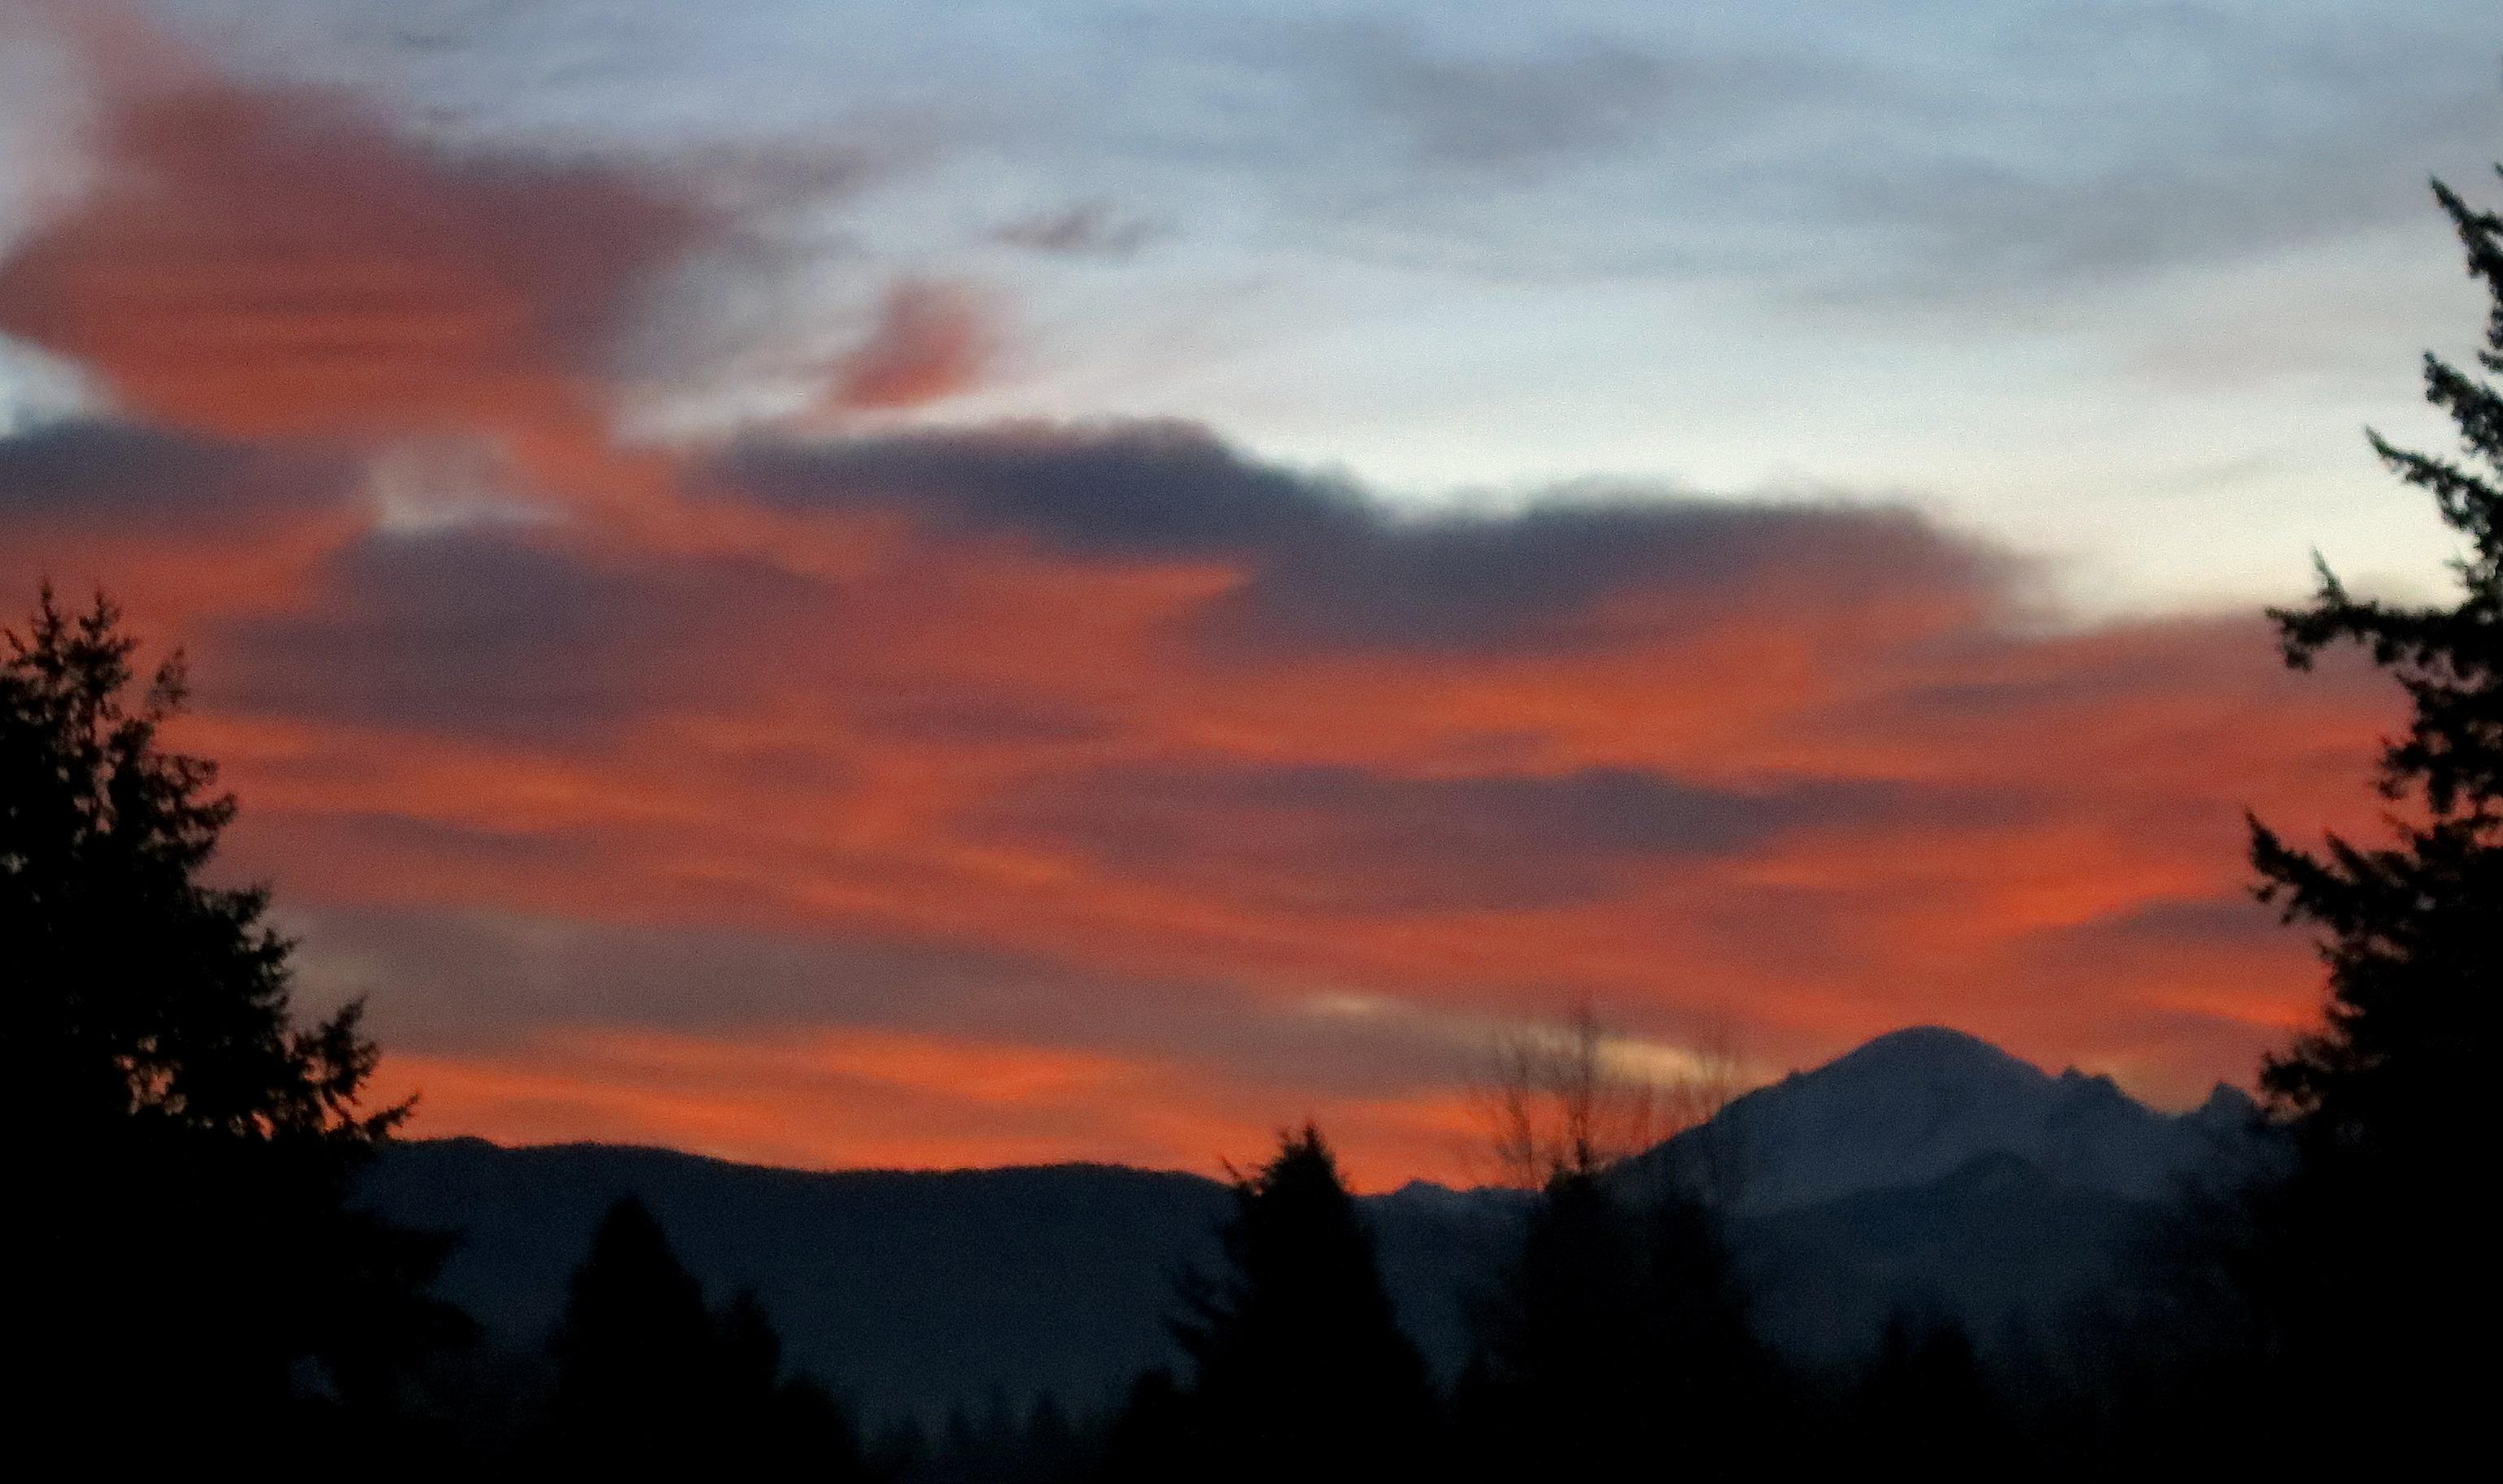 sunrise128143